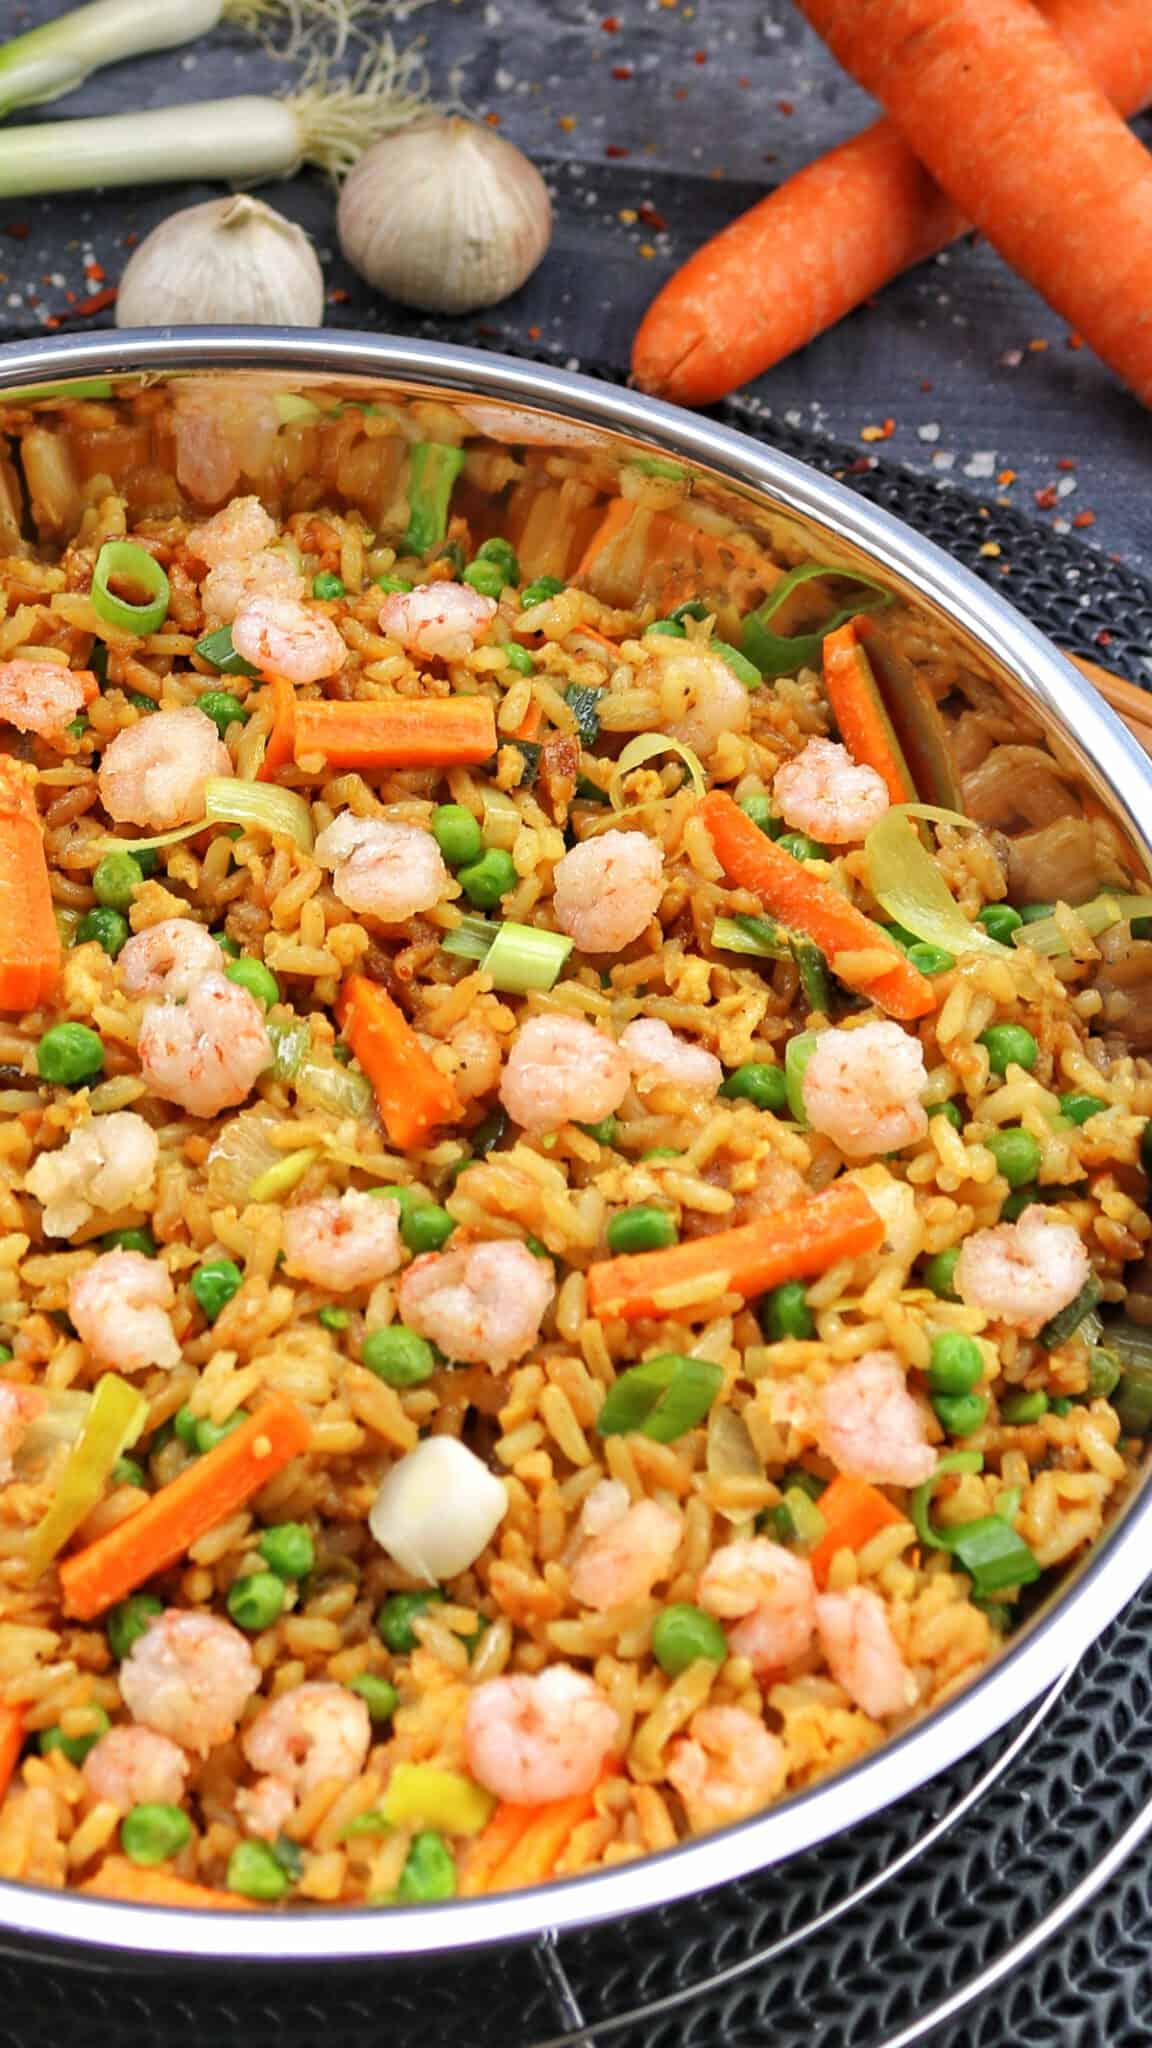 Eine Pfanne mit gebratenem Reis und Shrimps. Dahinter Deko.